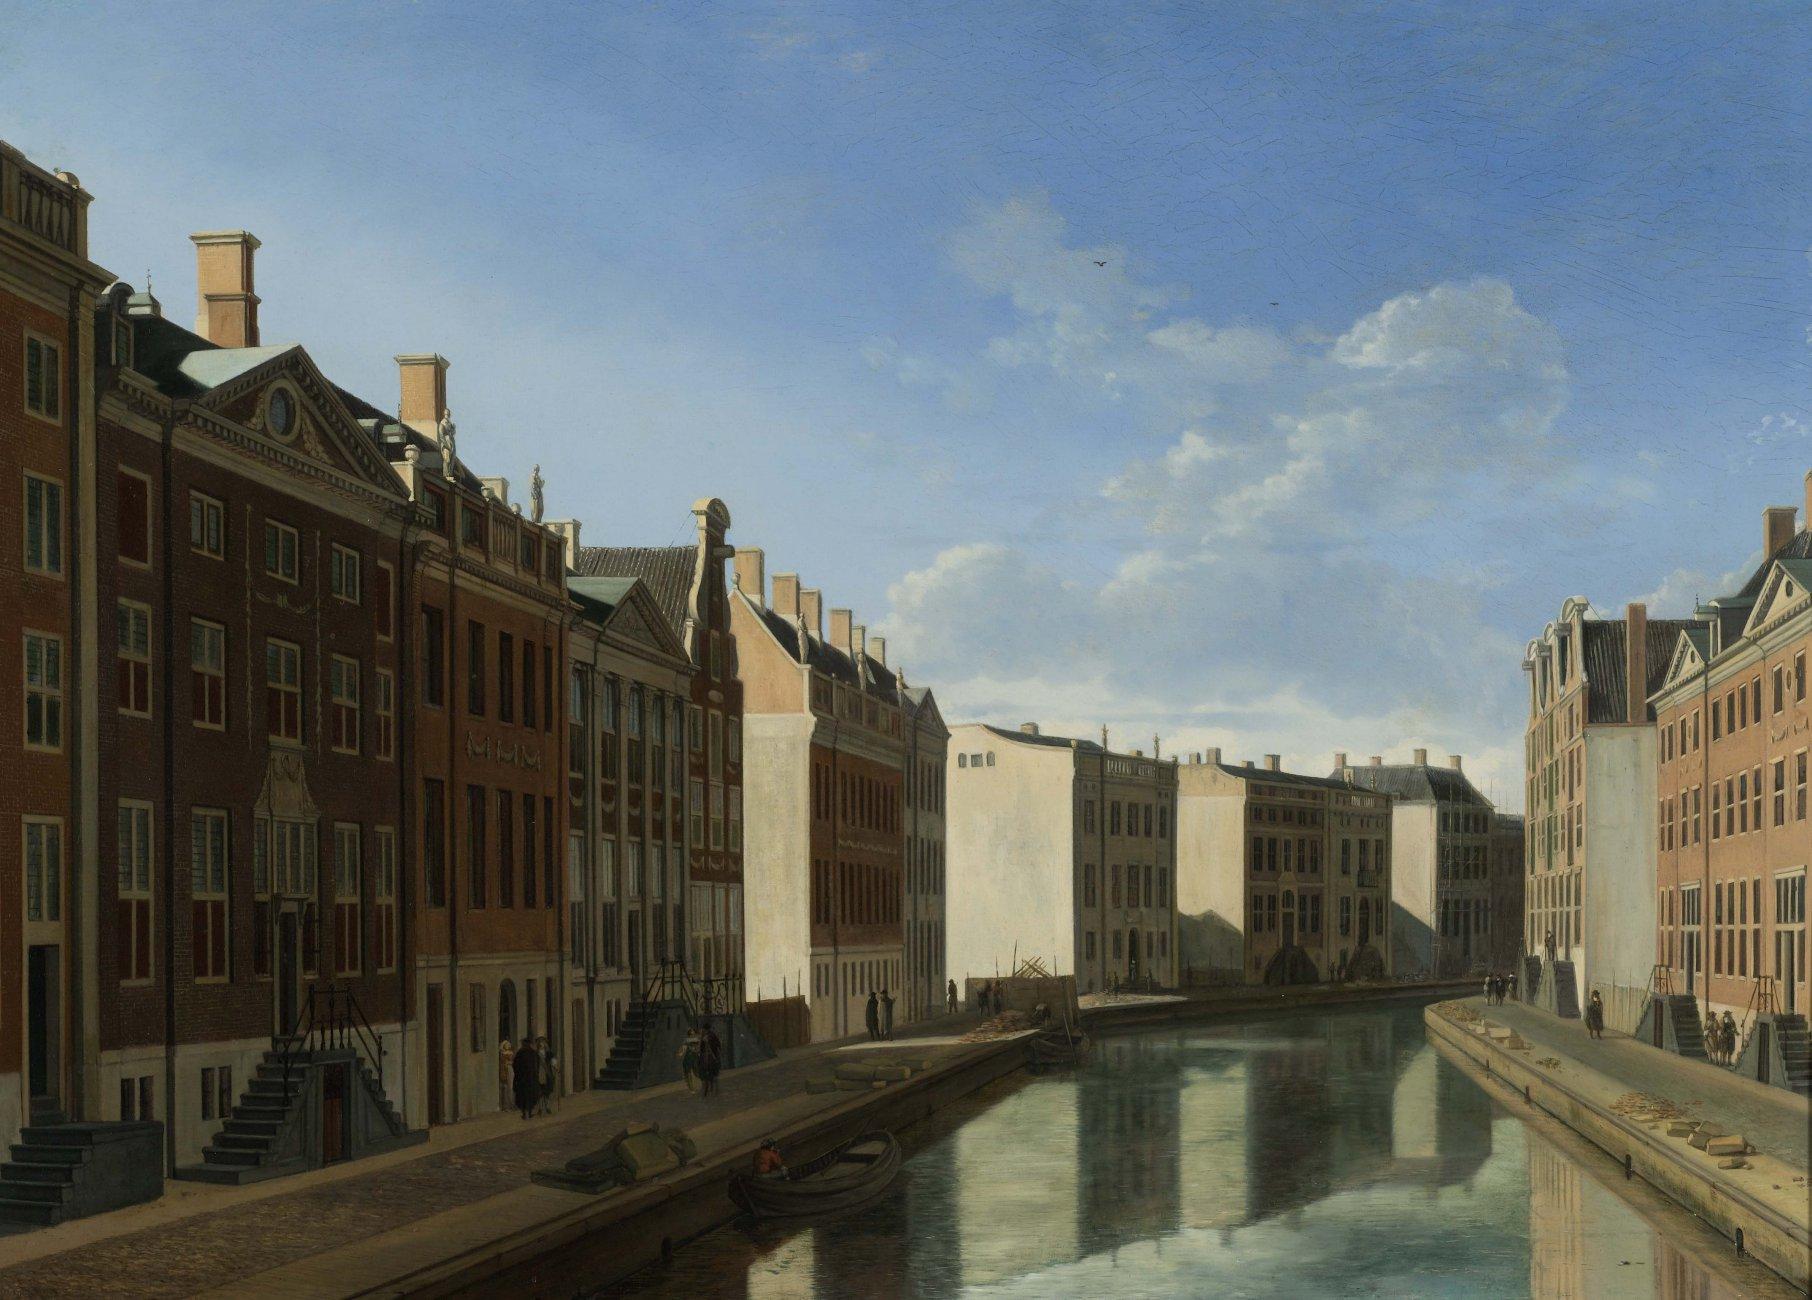 Gerrit_Adriaensz._Berckheyde_De_bocht_van_de_Herengracht_(1671-1672).jpg